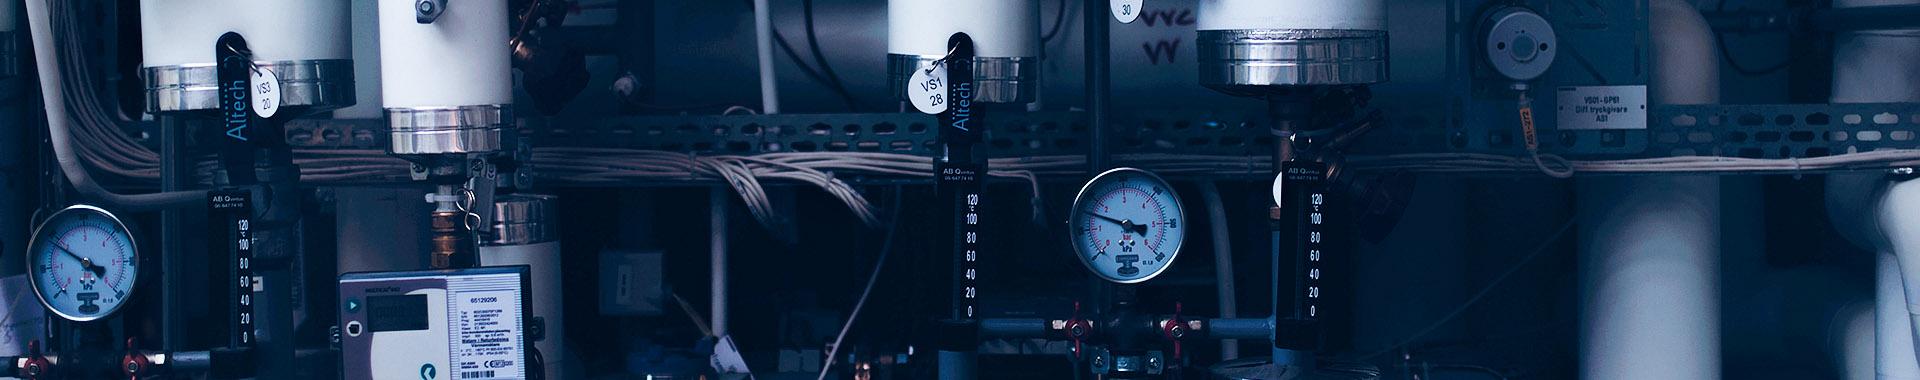 HT30-I型便携式校准仪